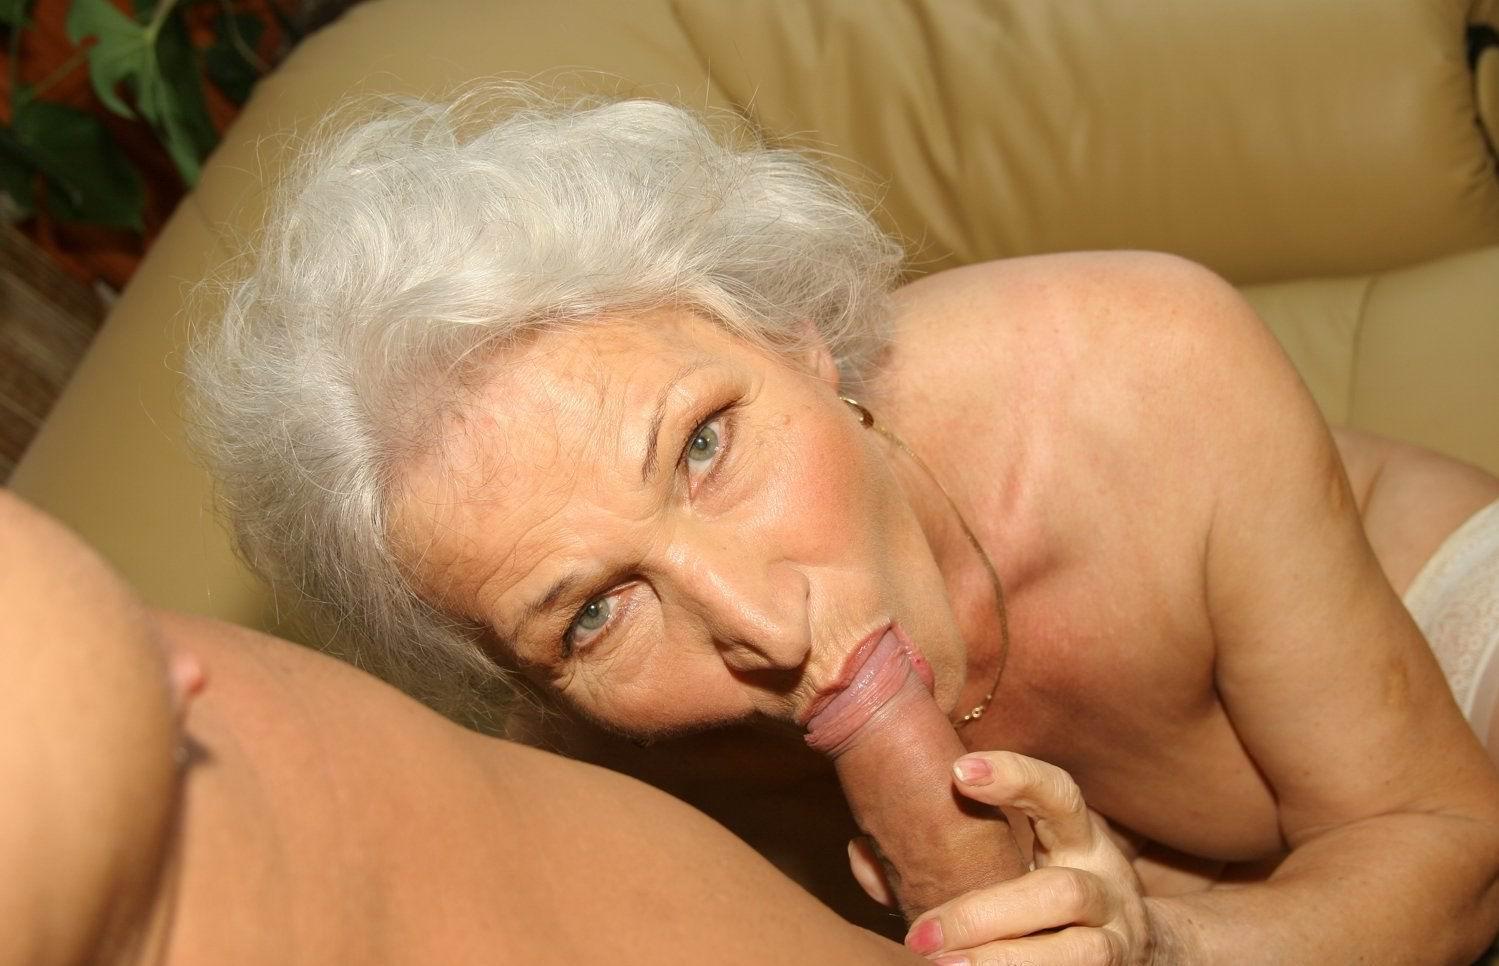 Развратницы порно от 60 лет старые